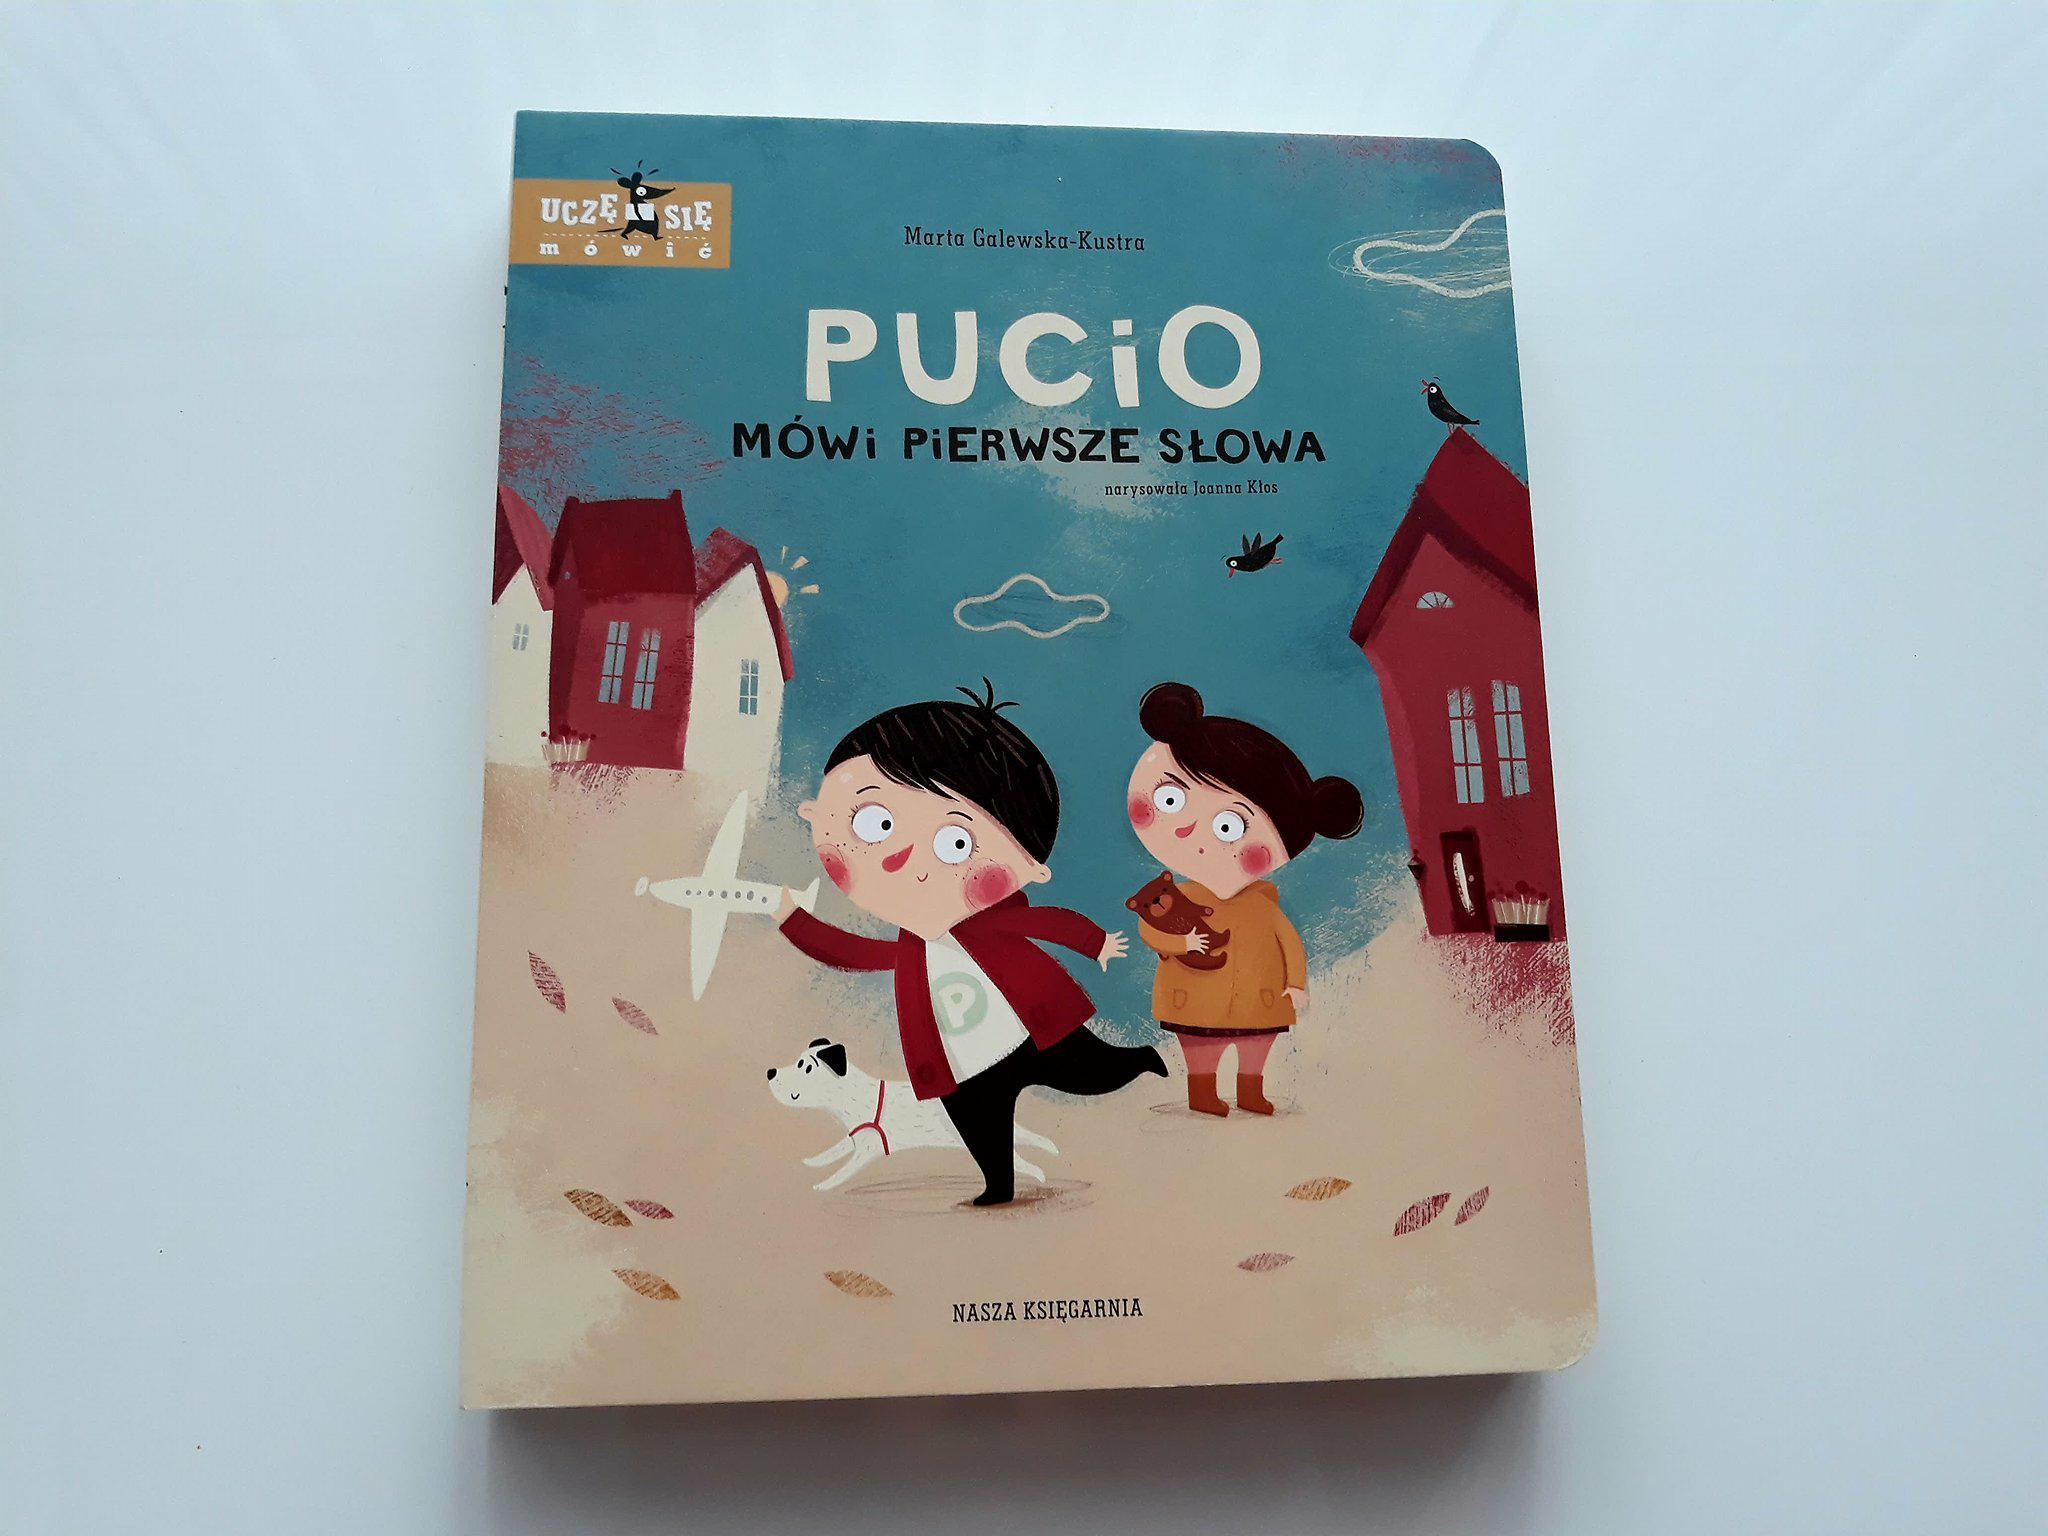 Pucio mówi pierwsze słowa recenzja.